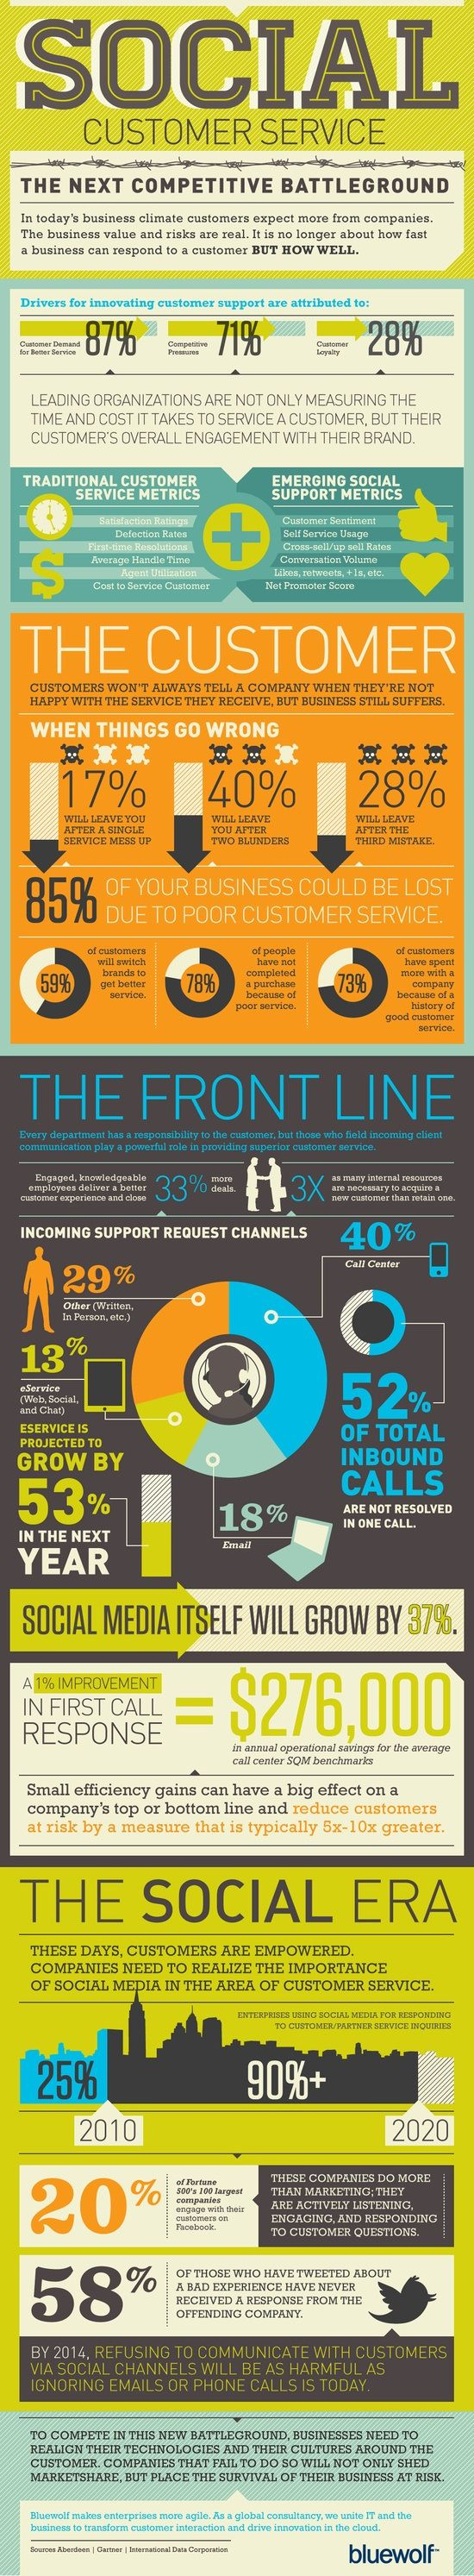 Ein großer Anteil der Anfragen via Telefon und Email wird sich in soziale Netzwerke verlagern. Nicht weil Marken es wollen, sondern weil die eigenen Kunden die Möglichkeit wahrnehmen und hierauf müssen sich Unternehmen einstellen. Der Kunde ist König!